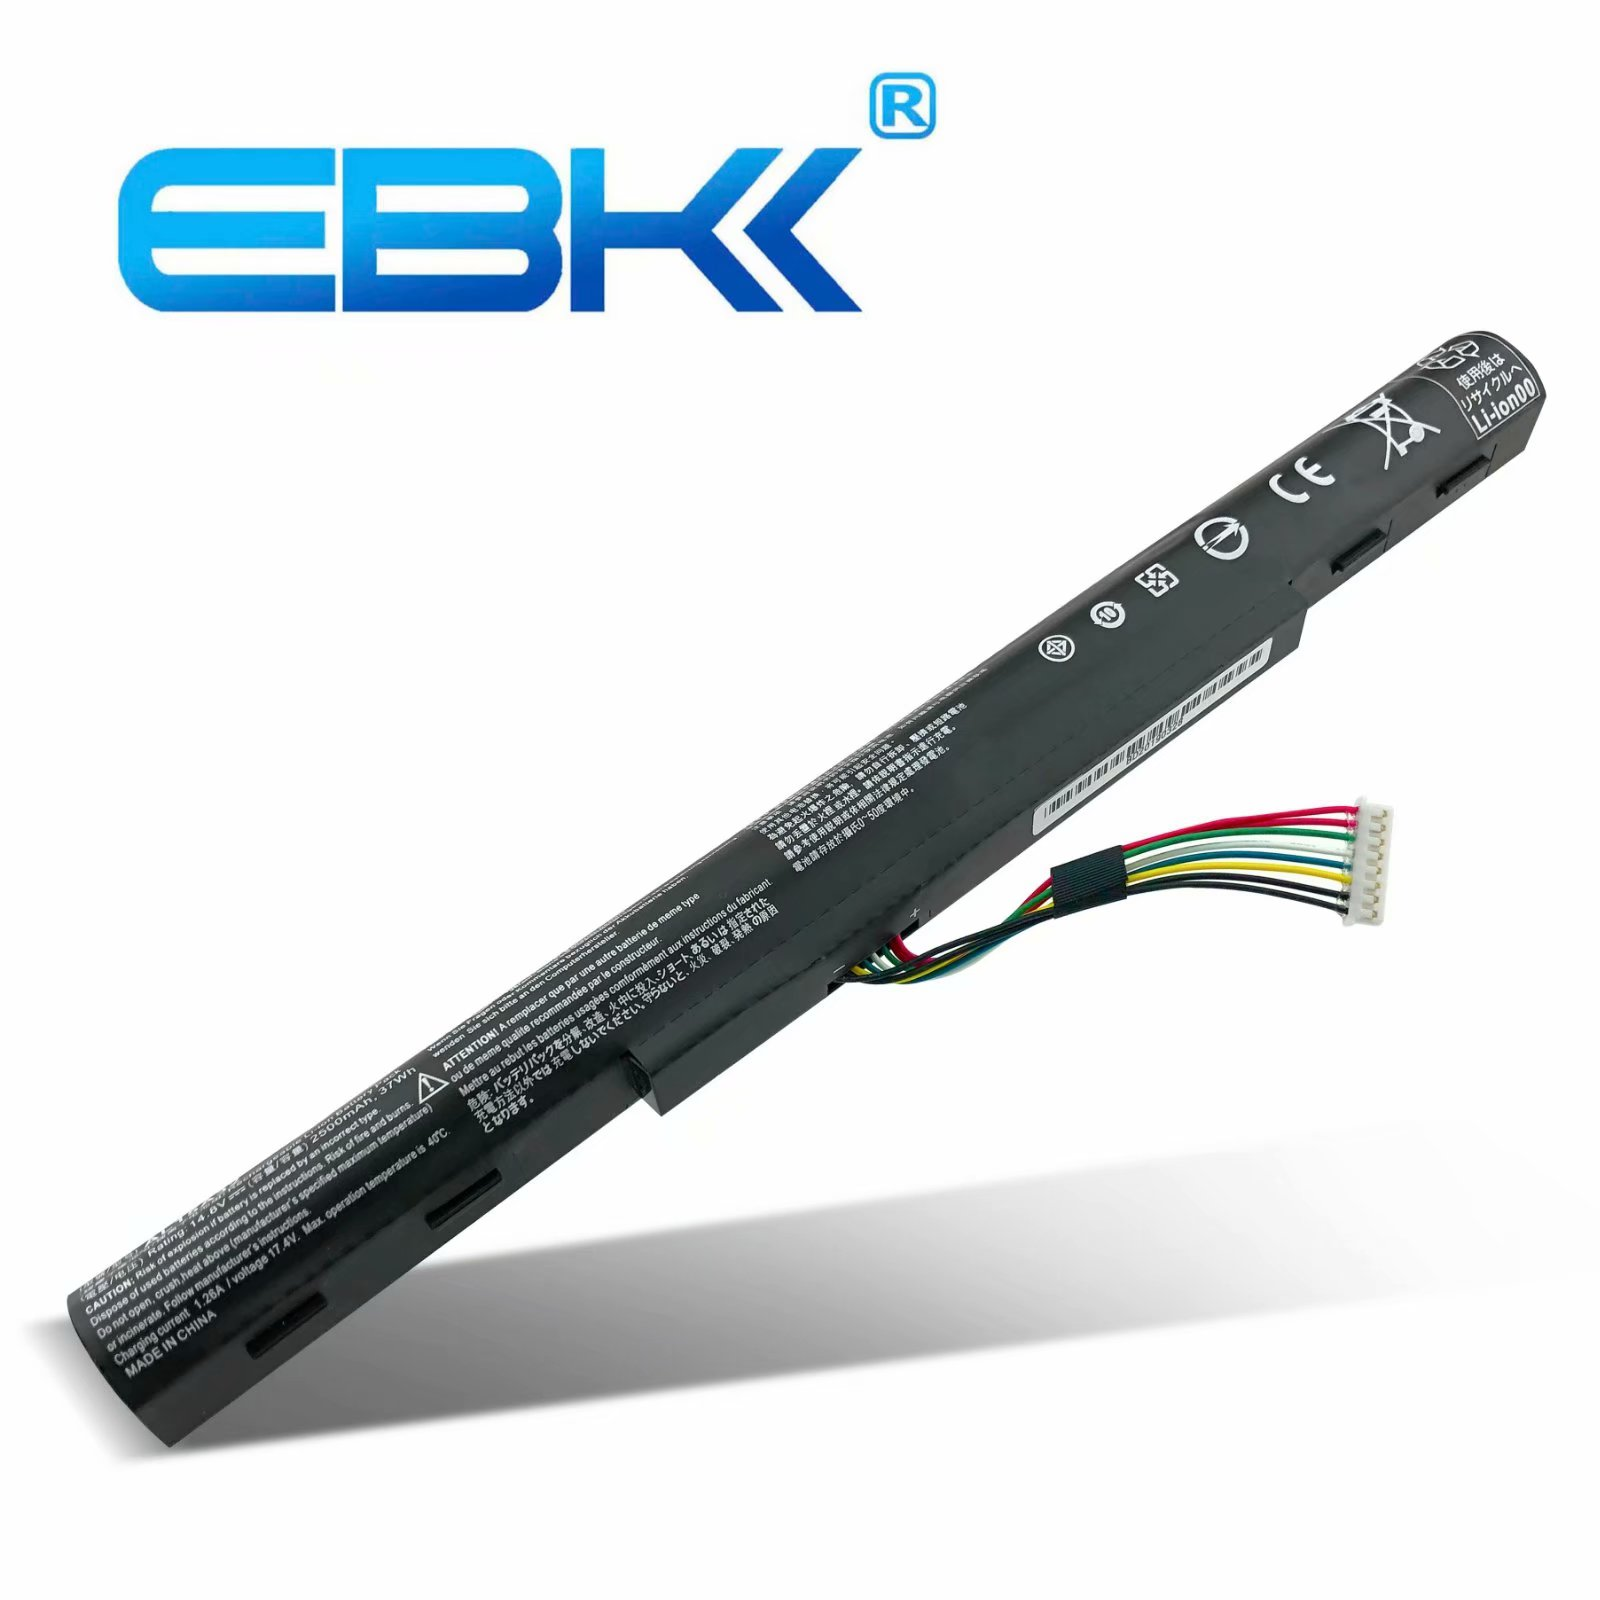 AL15A32 AL15A32 4ICR17//65 Batteria compatibile per notebook ACER 4ICR17//65